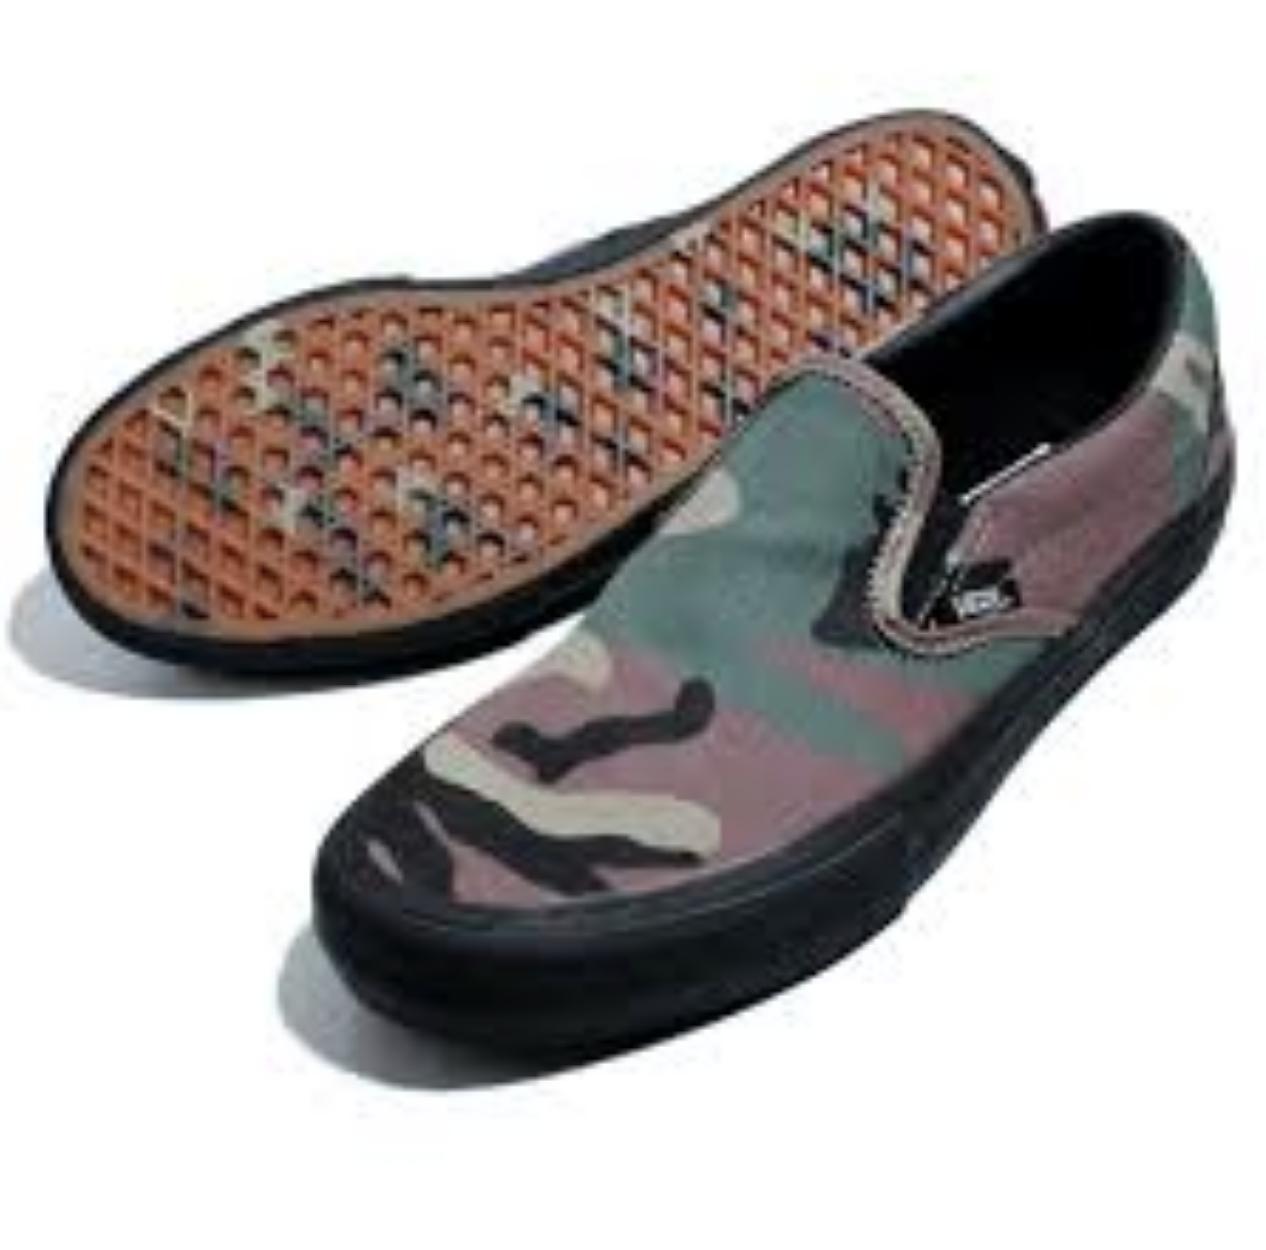 Para Hombre Vans Slip On Camo Pro (Negro) Talla 10.5 NIB (VN 0 a 347 vkaf) 632 HB